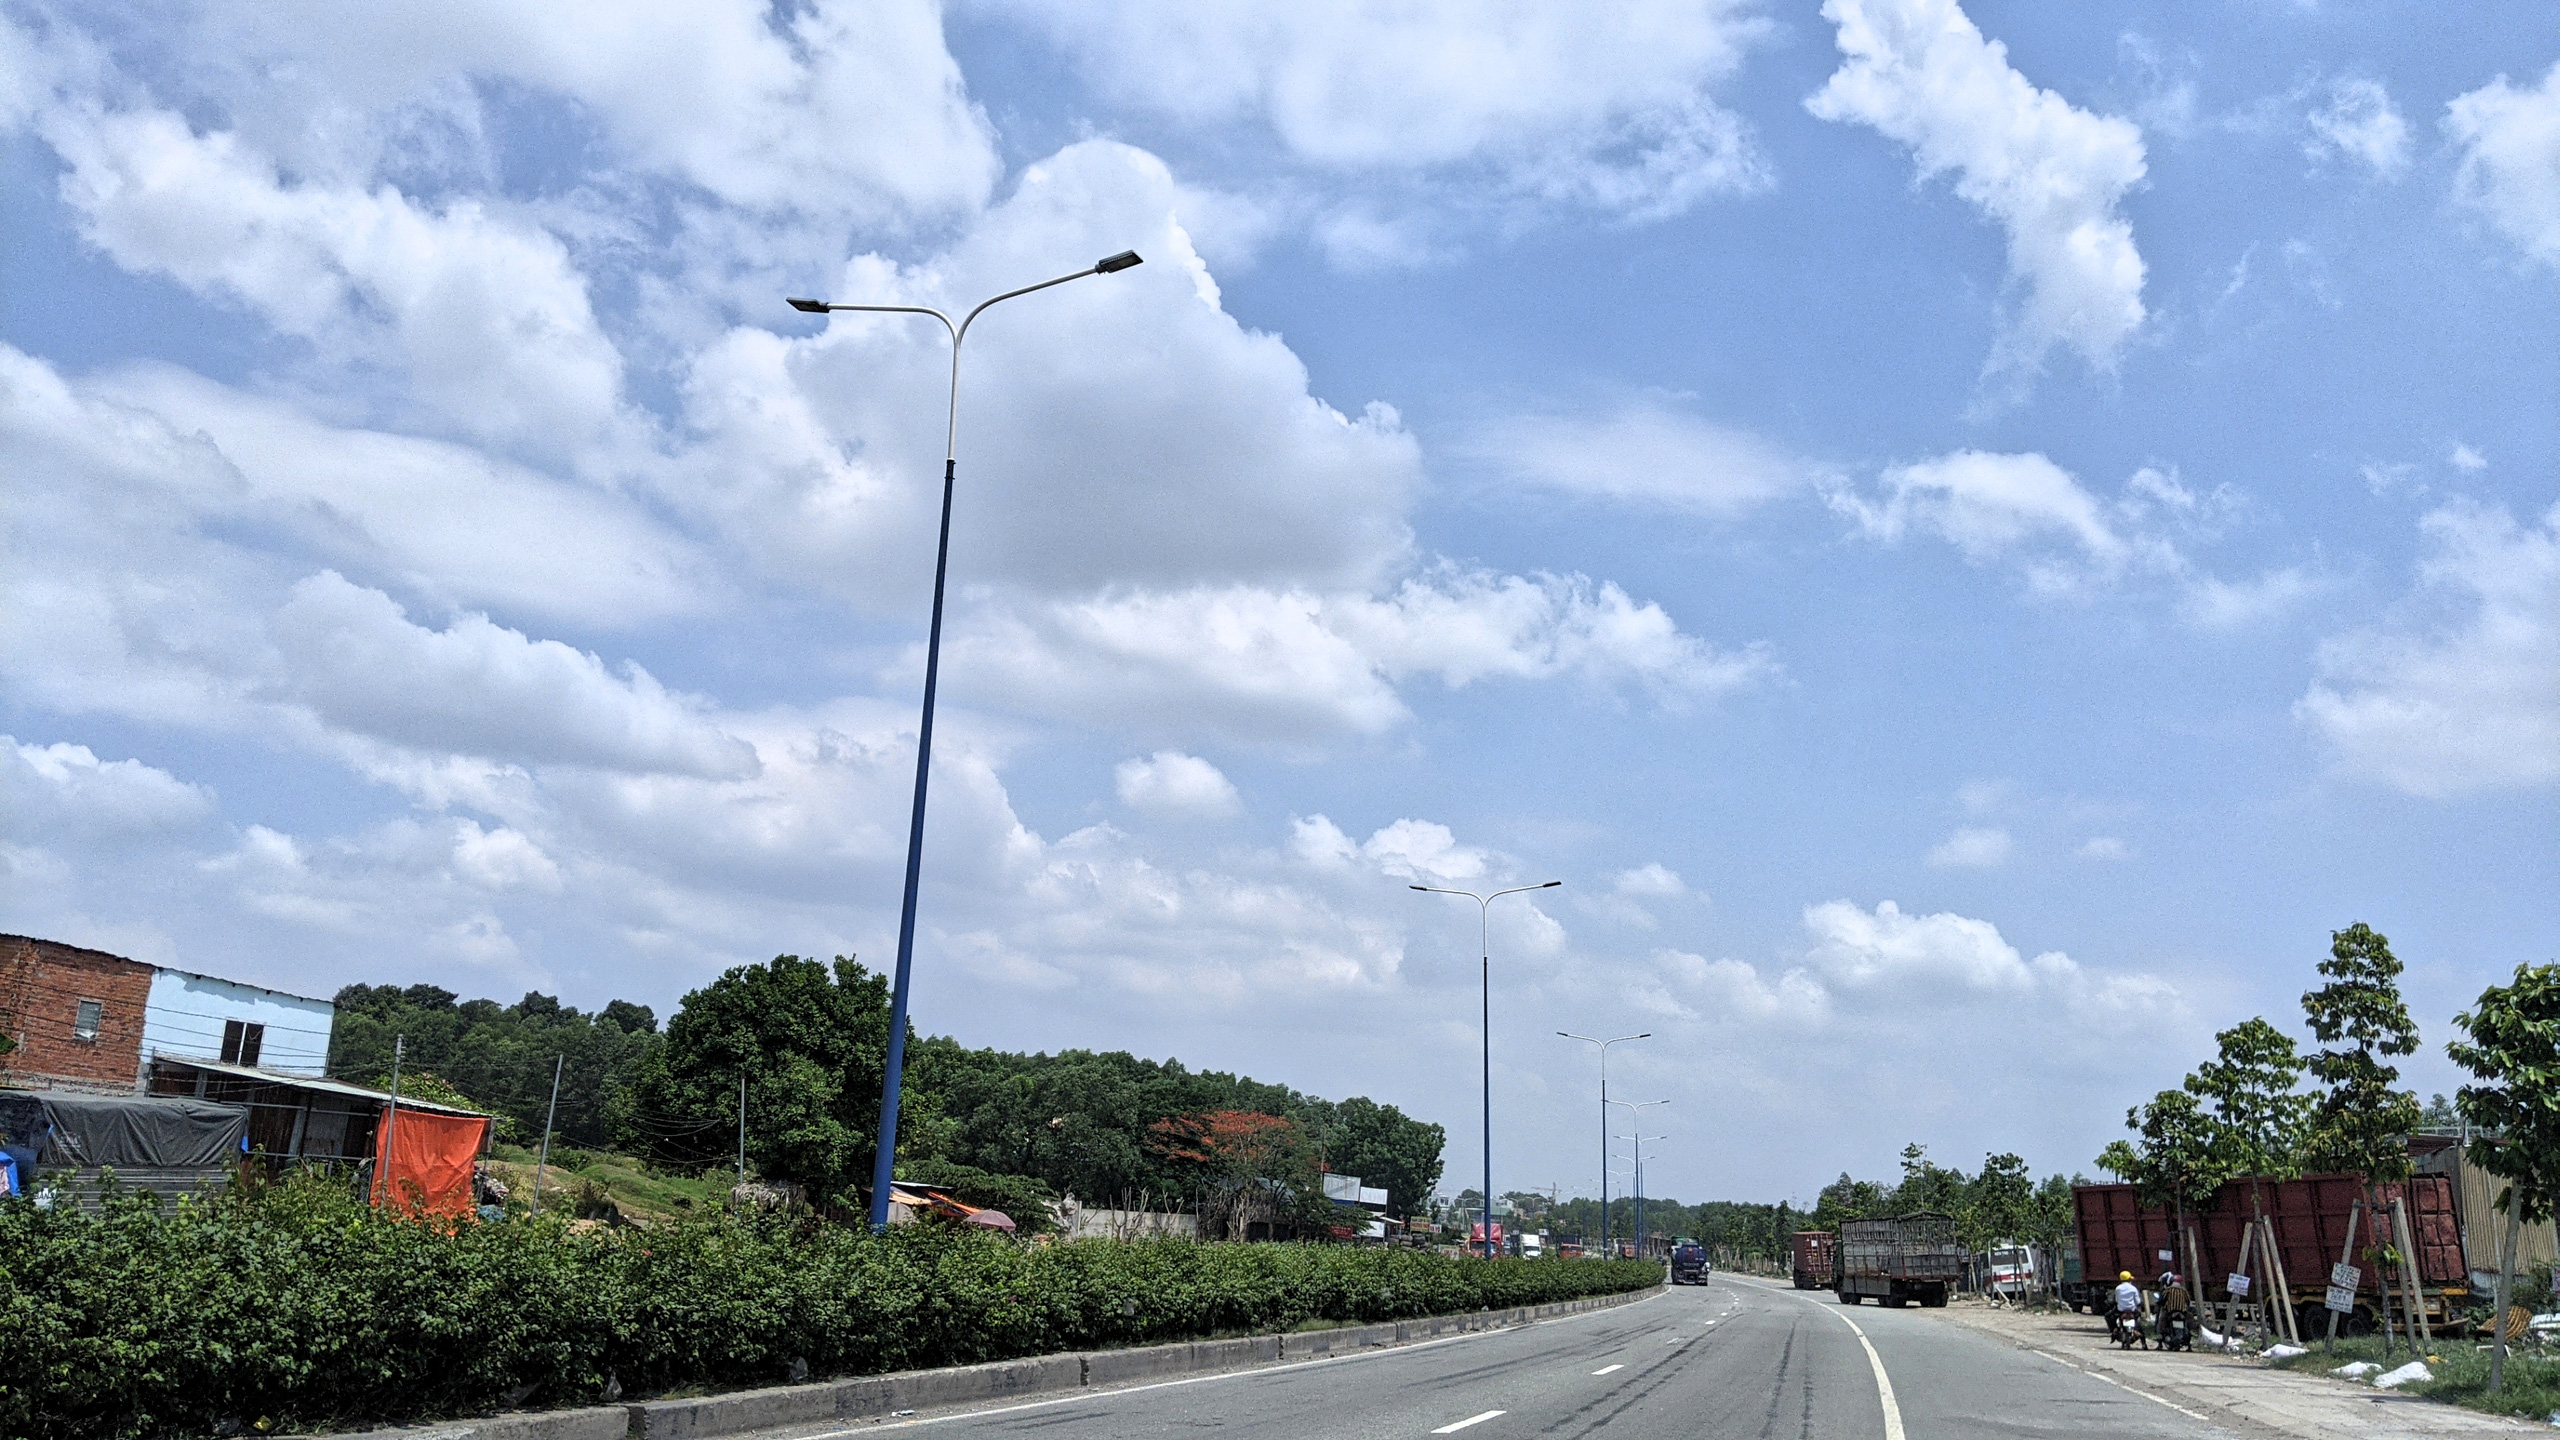 Bình Dương: Cận cảnh tuyến Mỹ Phước - Tân Vạn sắp thông toàn tuyến - Ảnh 4.